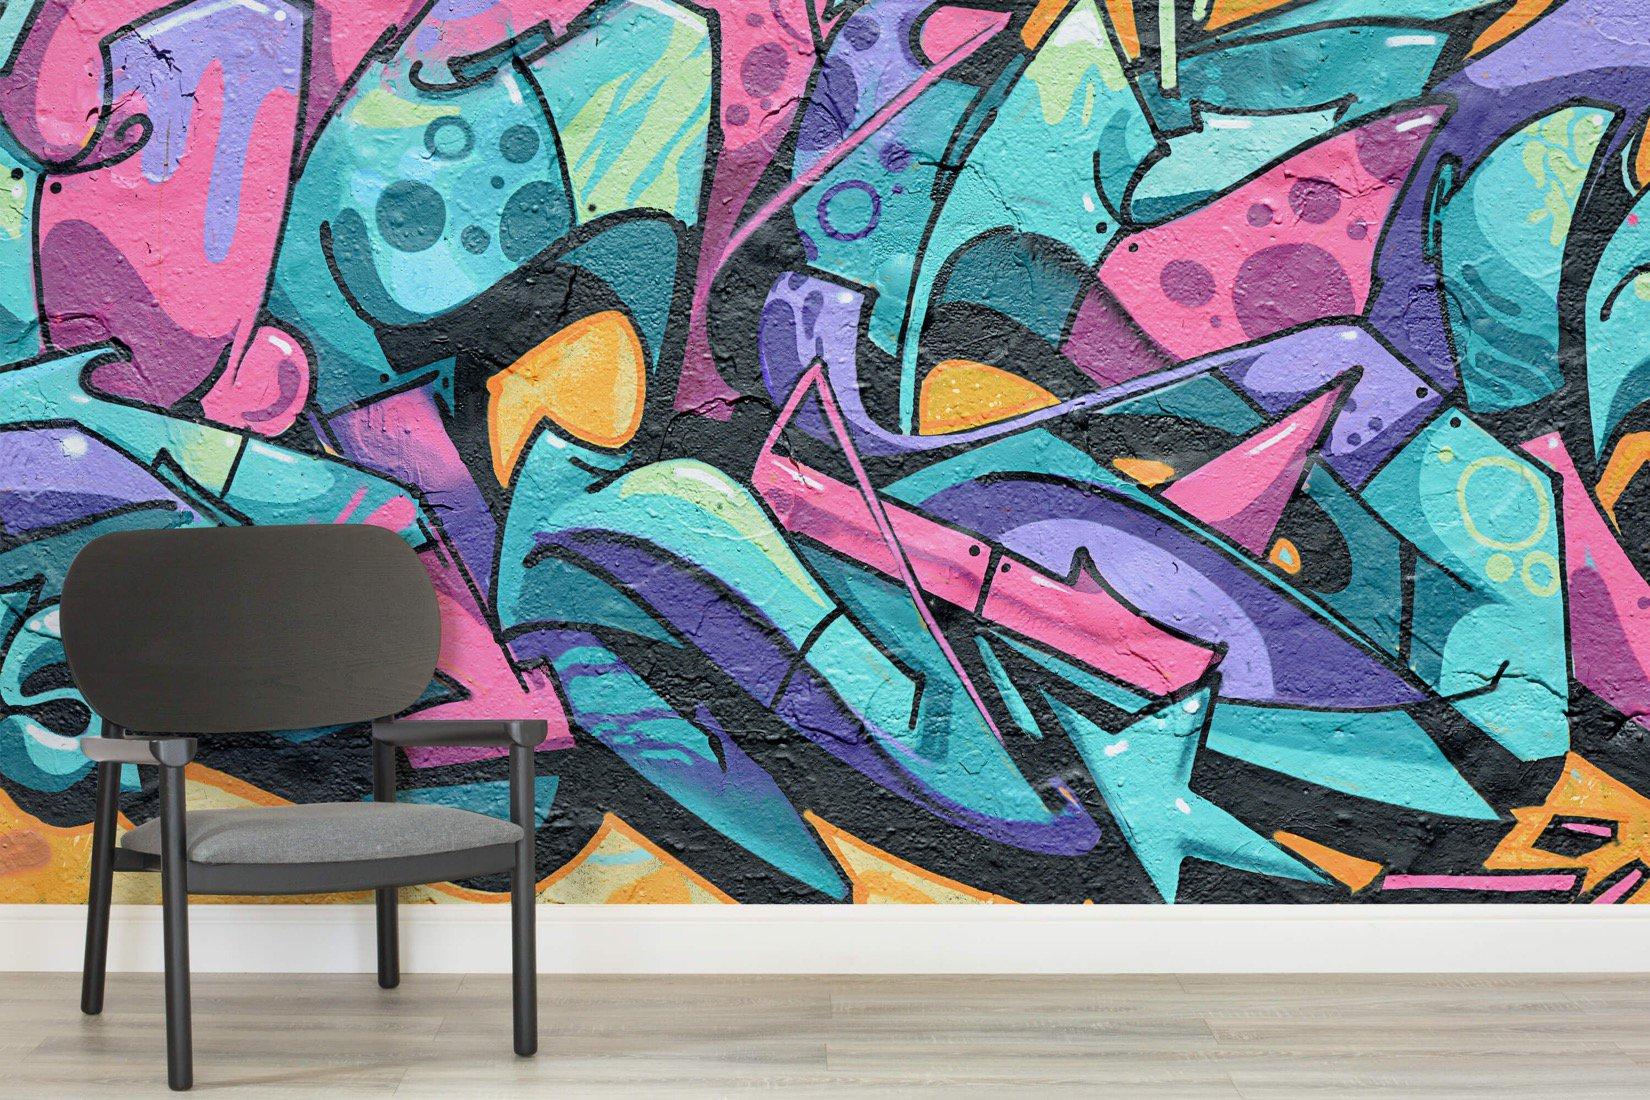 MuralsWallpaper_1604995_Complex Graffiti Wall Mural